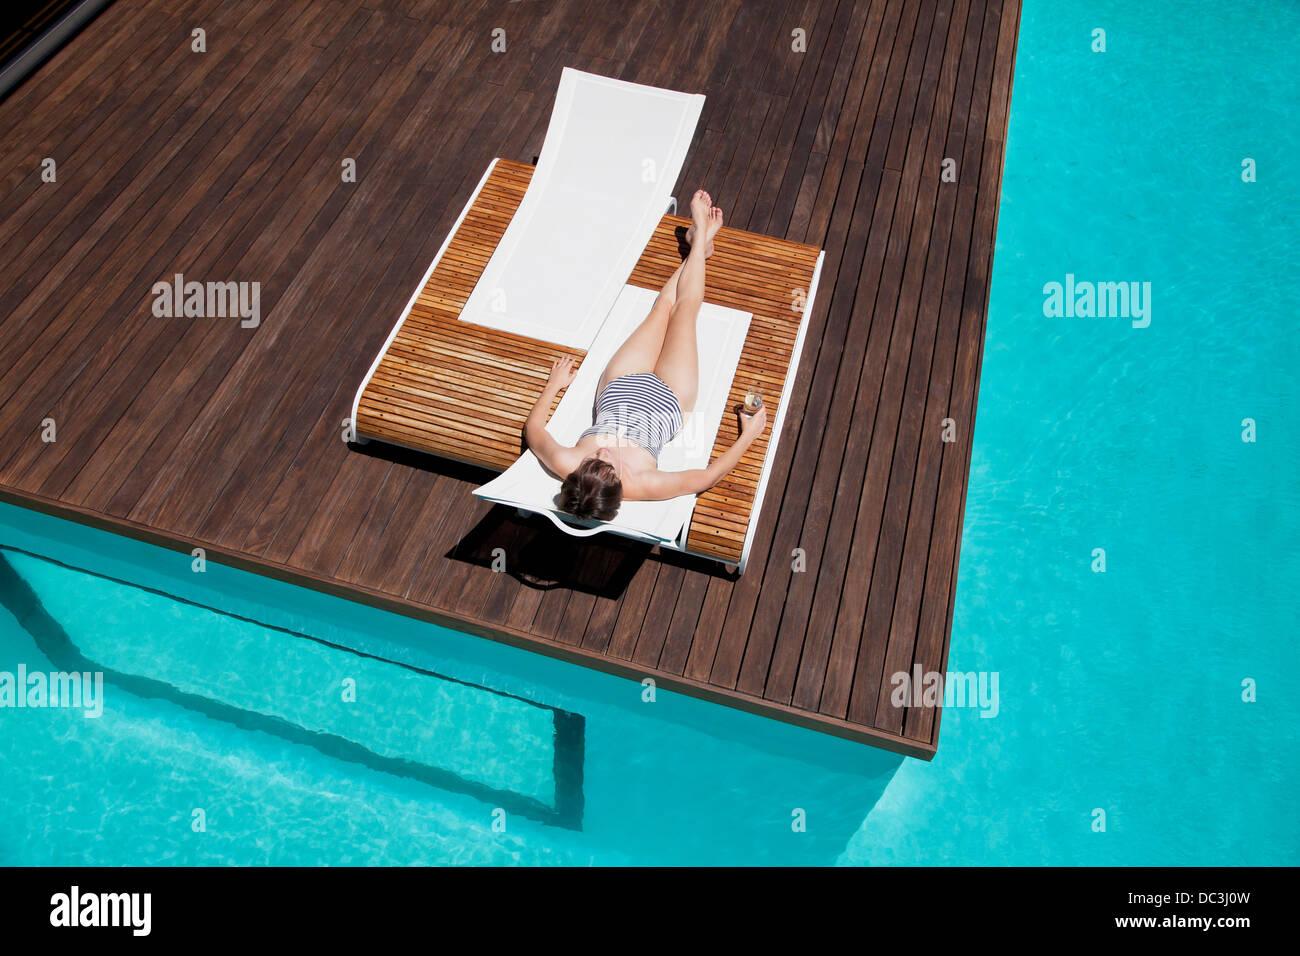 Frau Sonnenbaden am Pool Stockbild